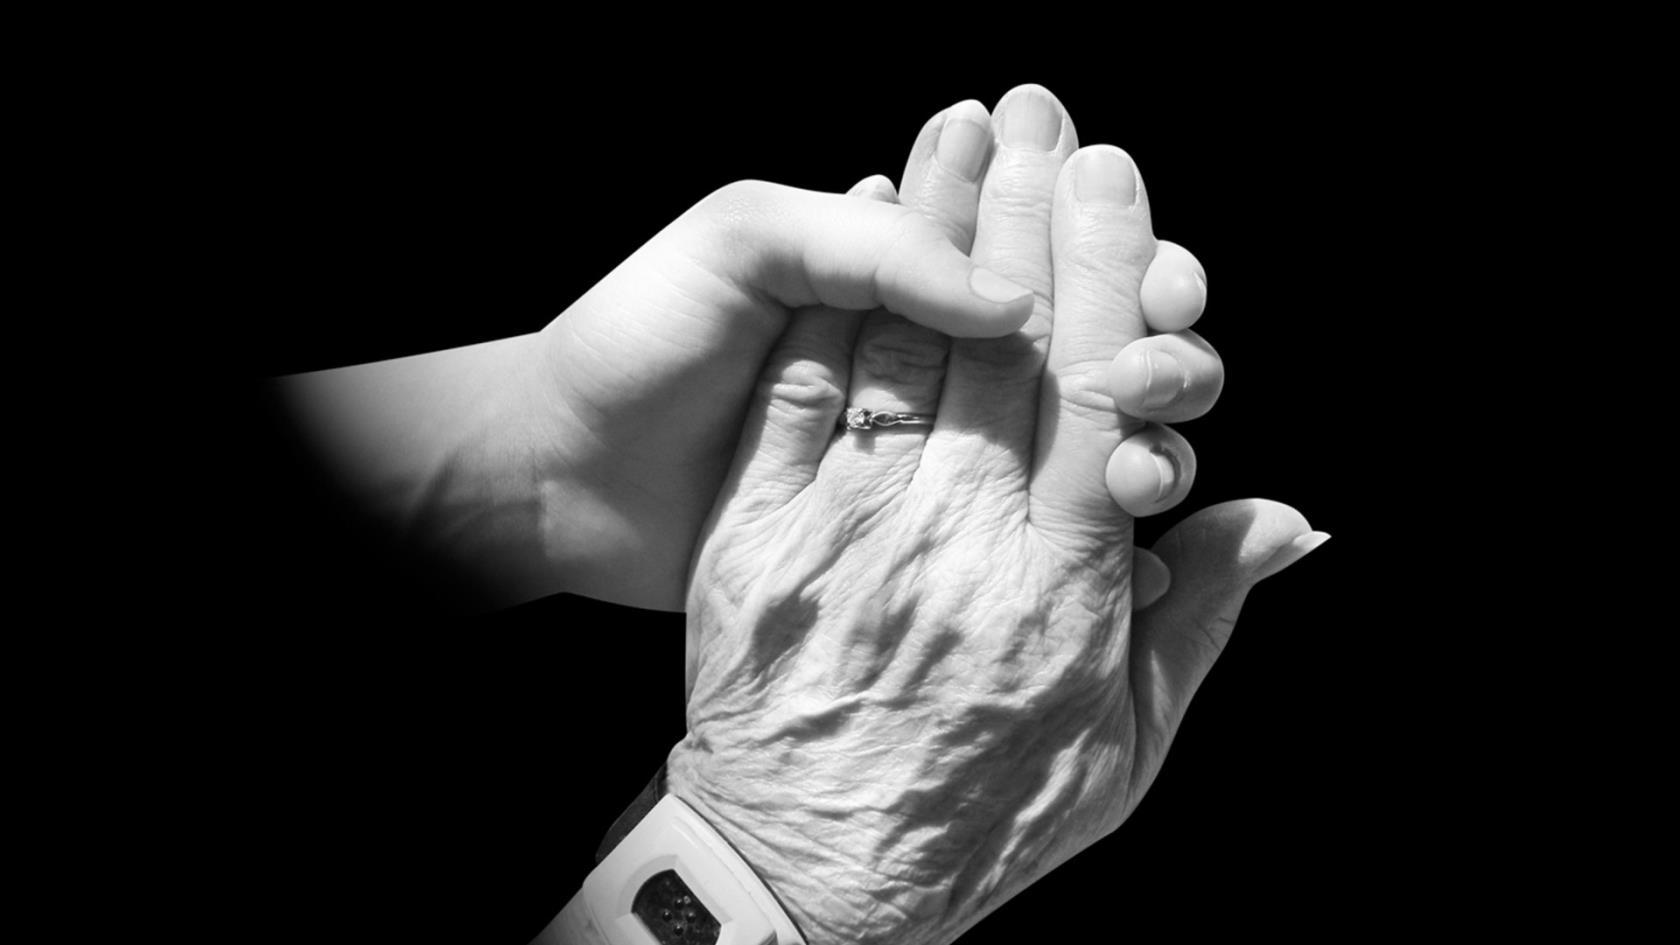 själevad mötesplatser för äldre